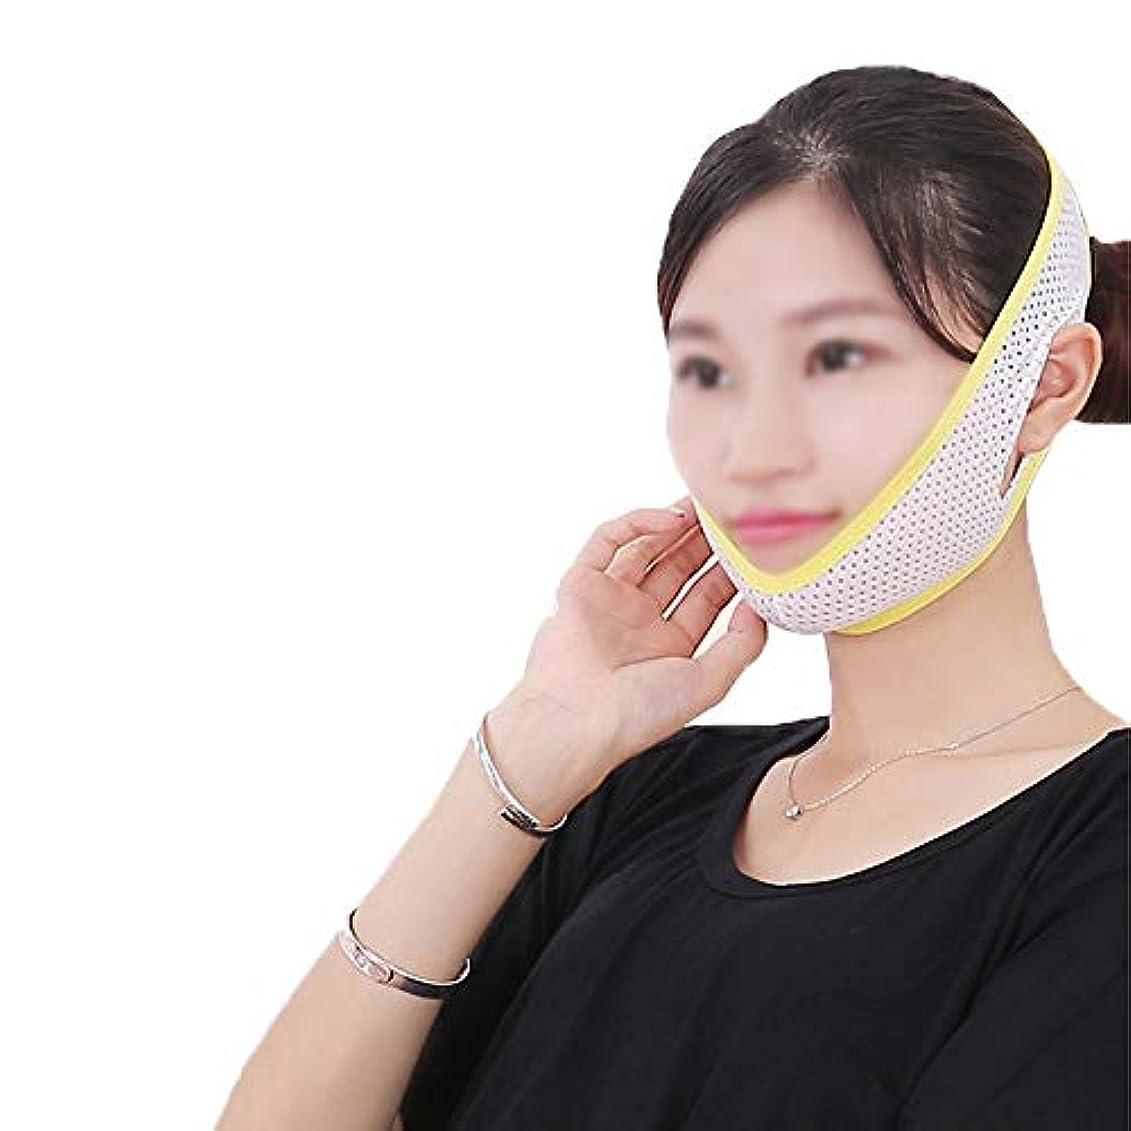 準備ができてトラック規制GLJJQMY 顔と首リフト薄いフェイスマスク強力な薄いフェイスツール締め付け薄いフェイスマスクアーティファクト薄いフェイス包帯薄い顔デバイス 顔用整形マスク (Size : M)